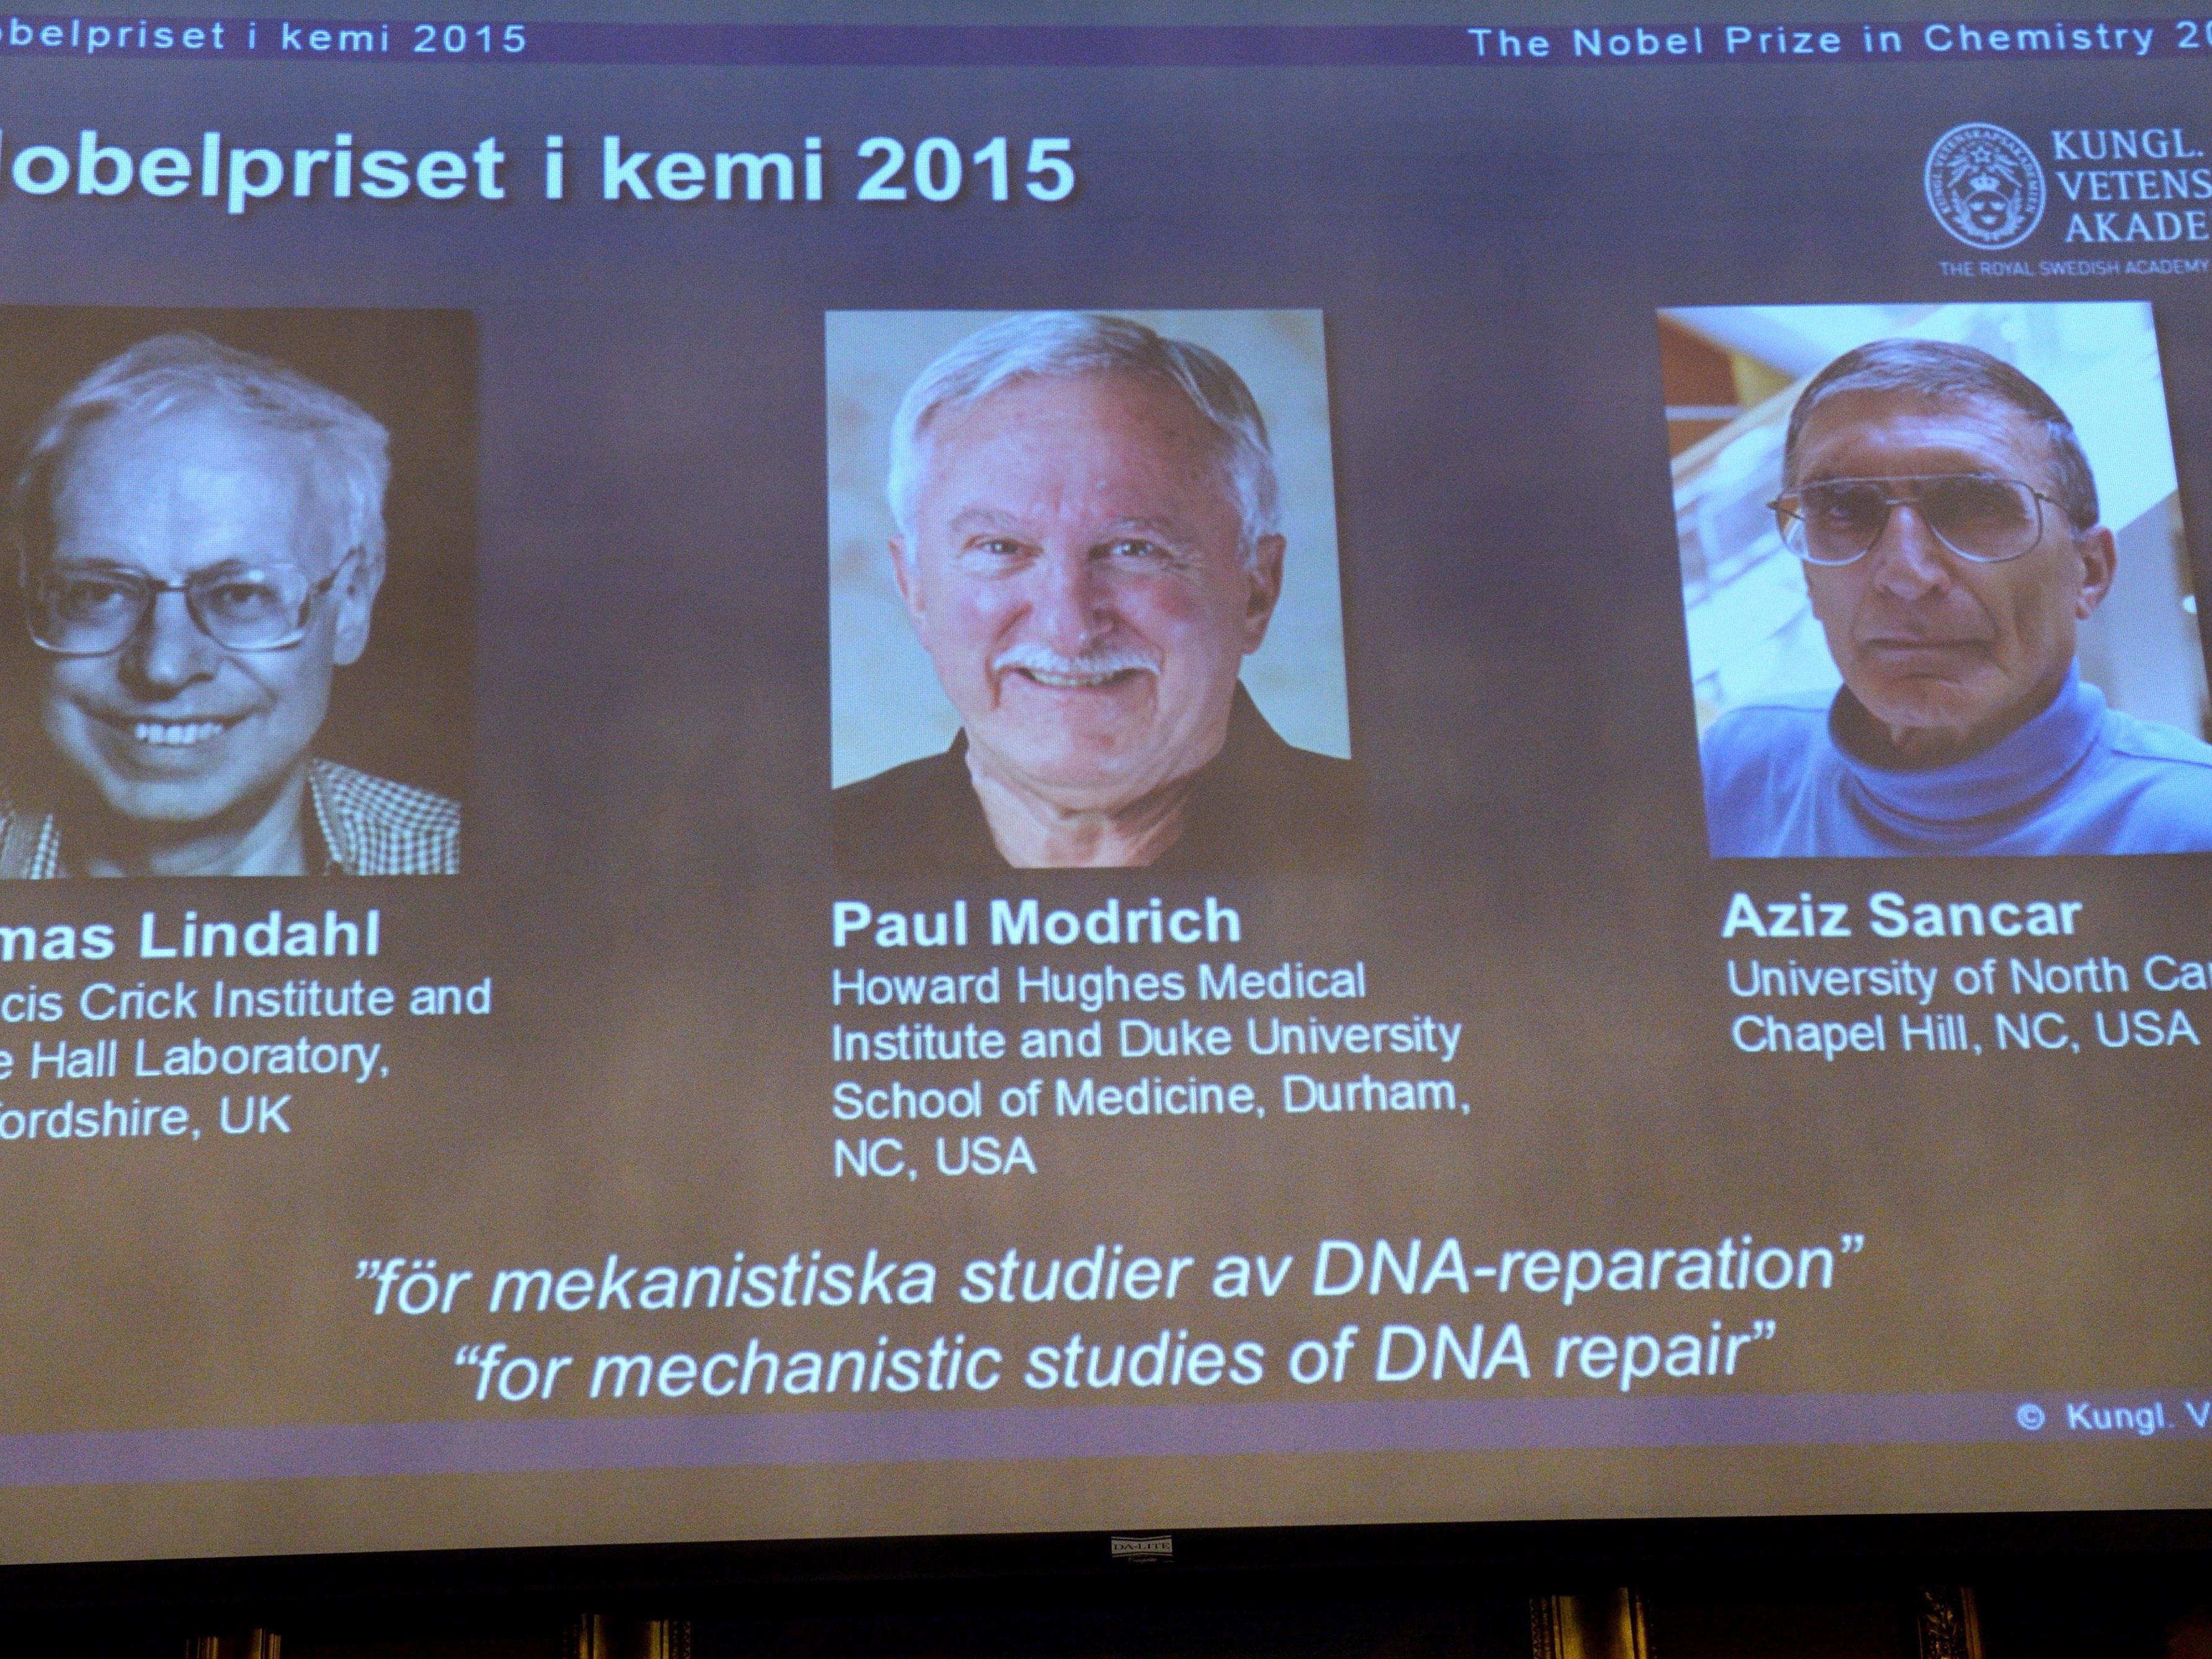 Chemie-Nobelpreis 2015 an drei Biochemiker aus USA und Großbritannien